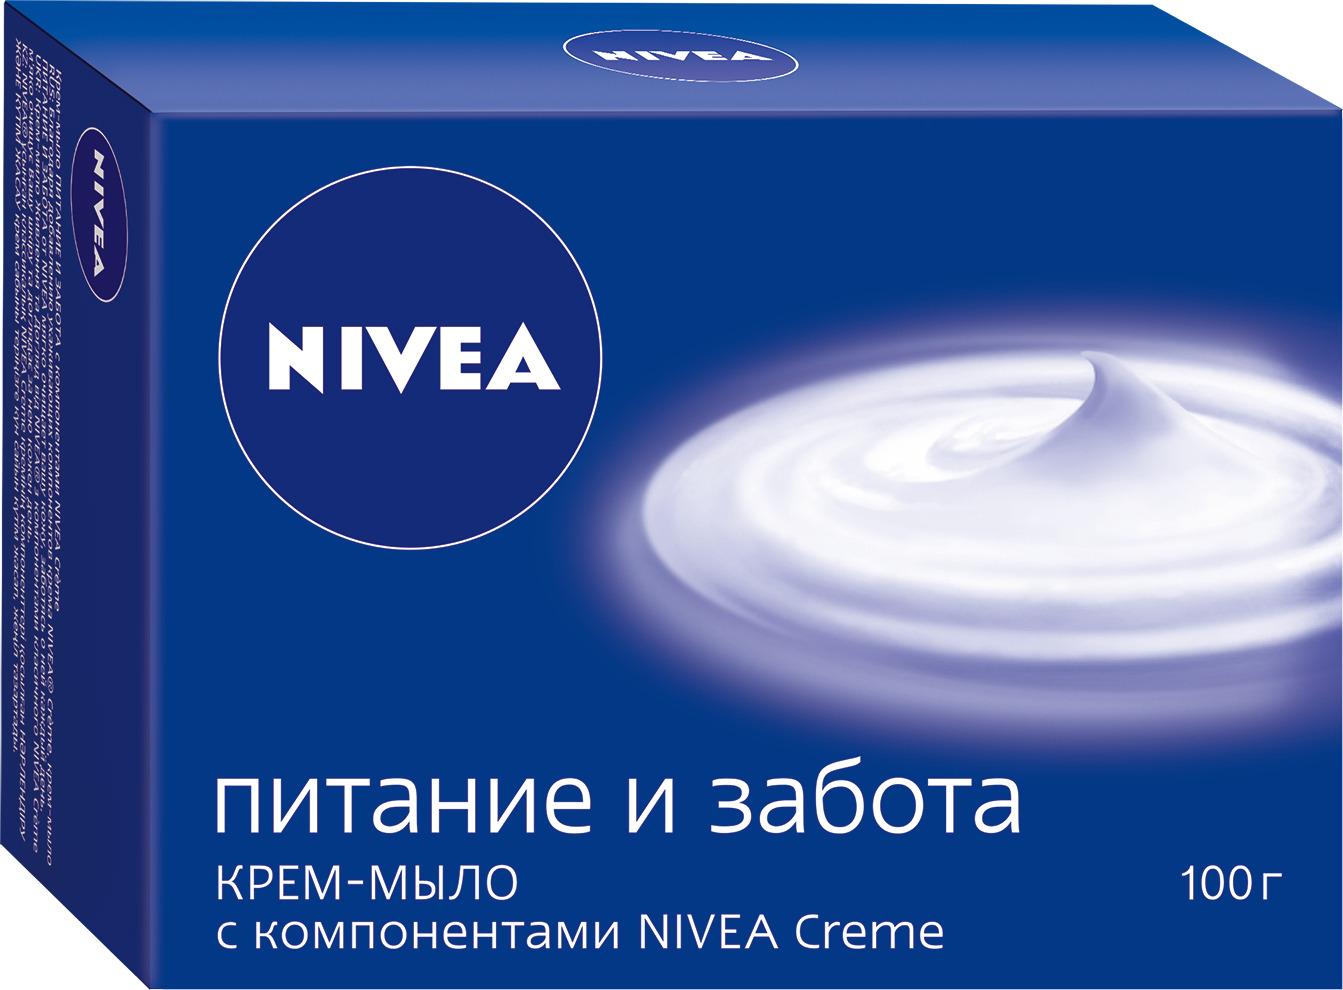 Крем-мыло Nivea